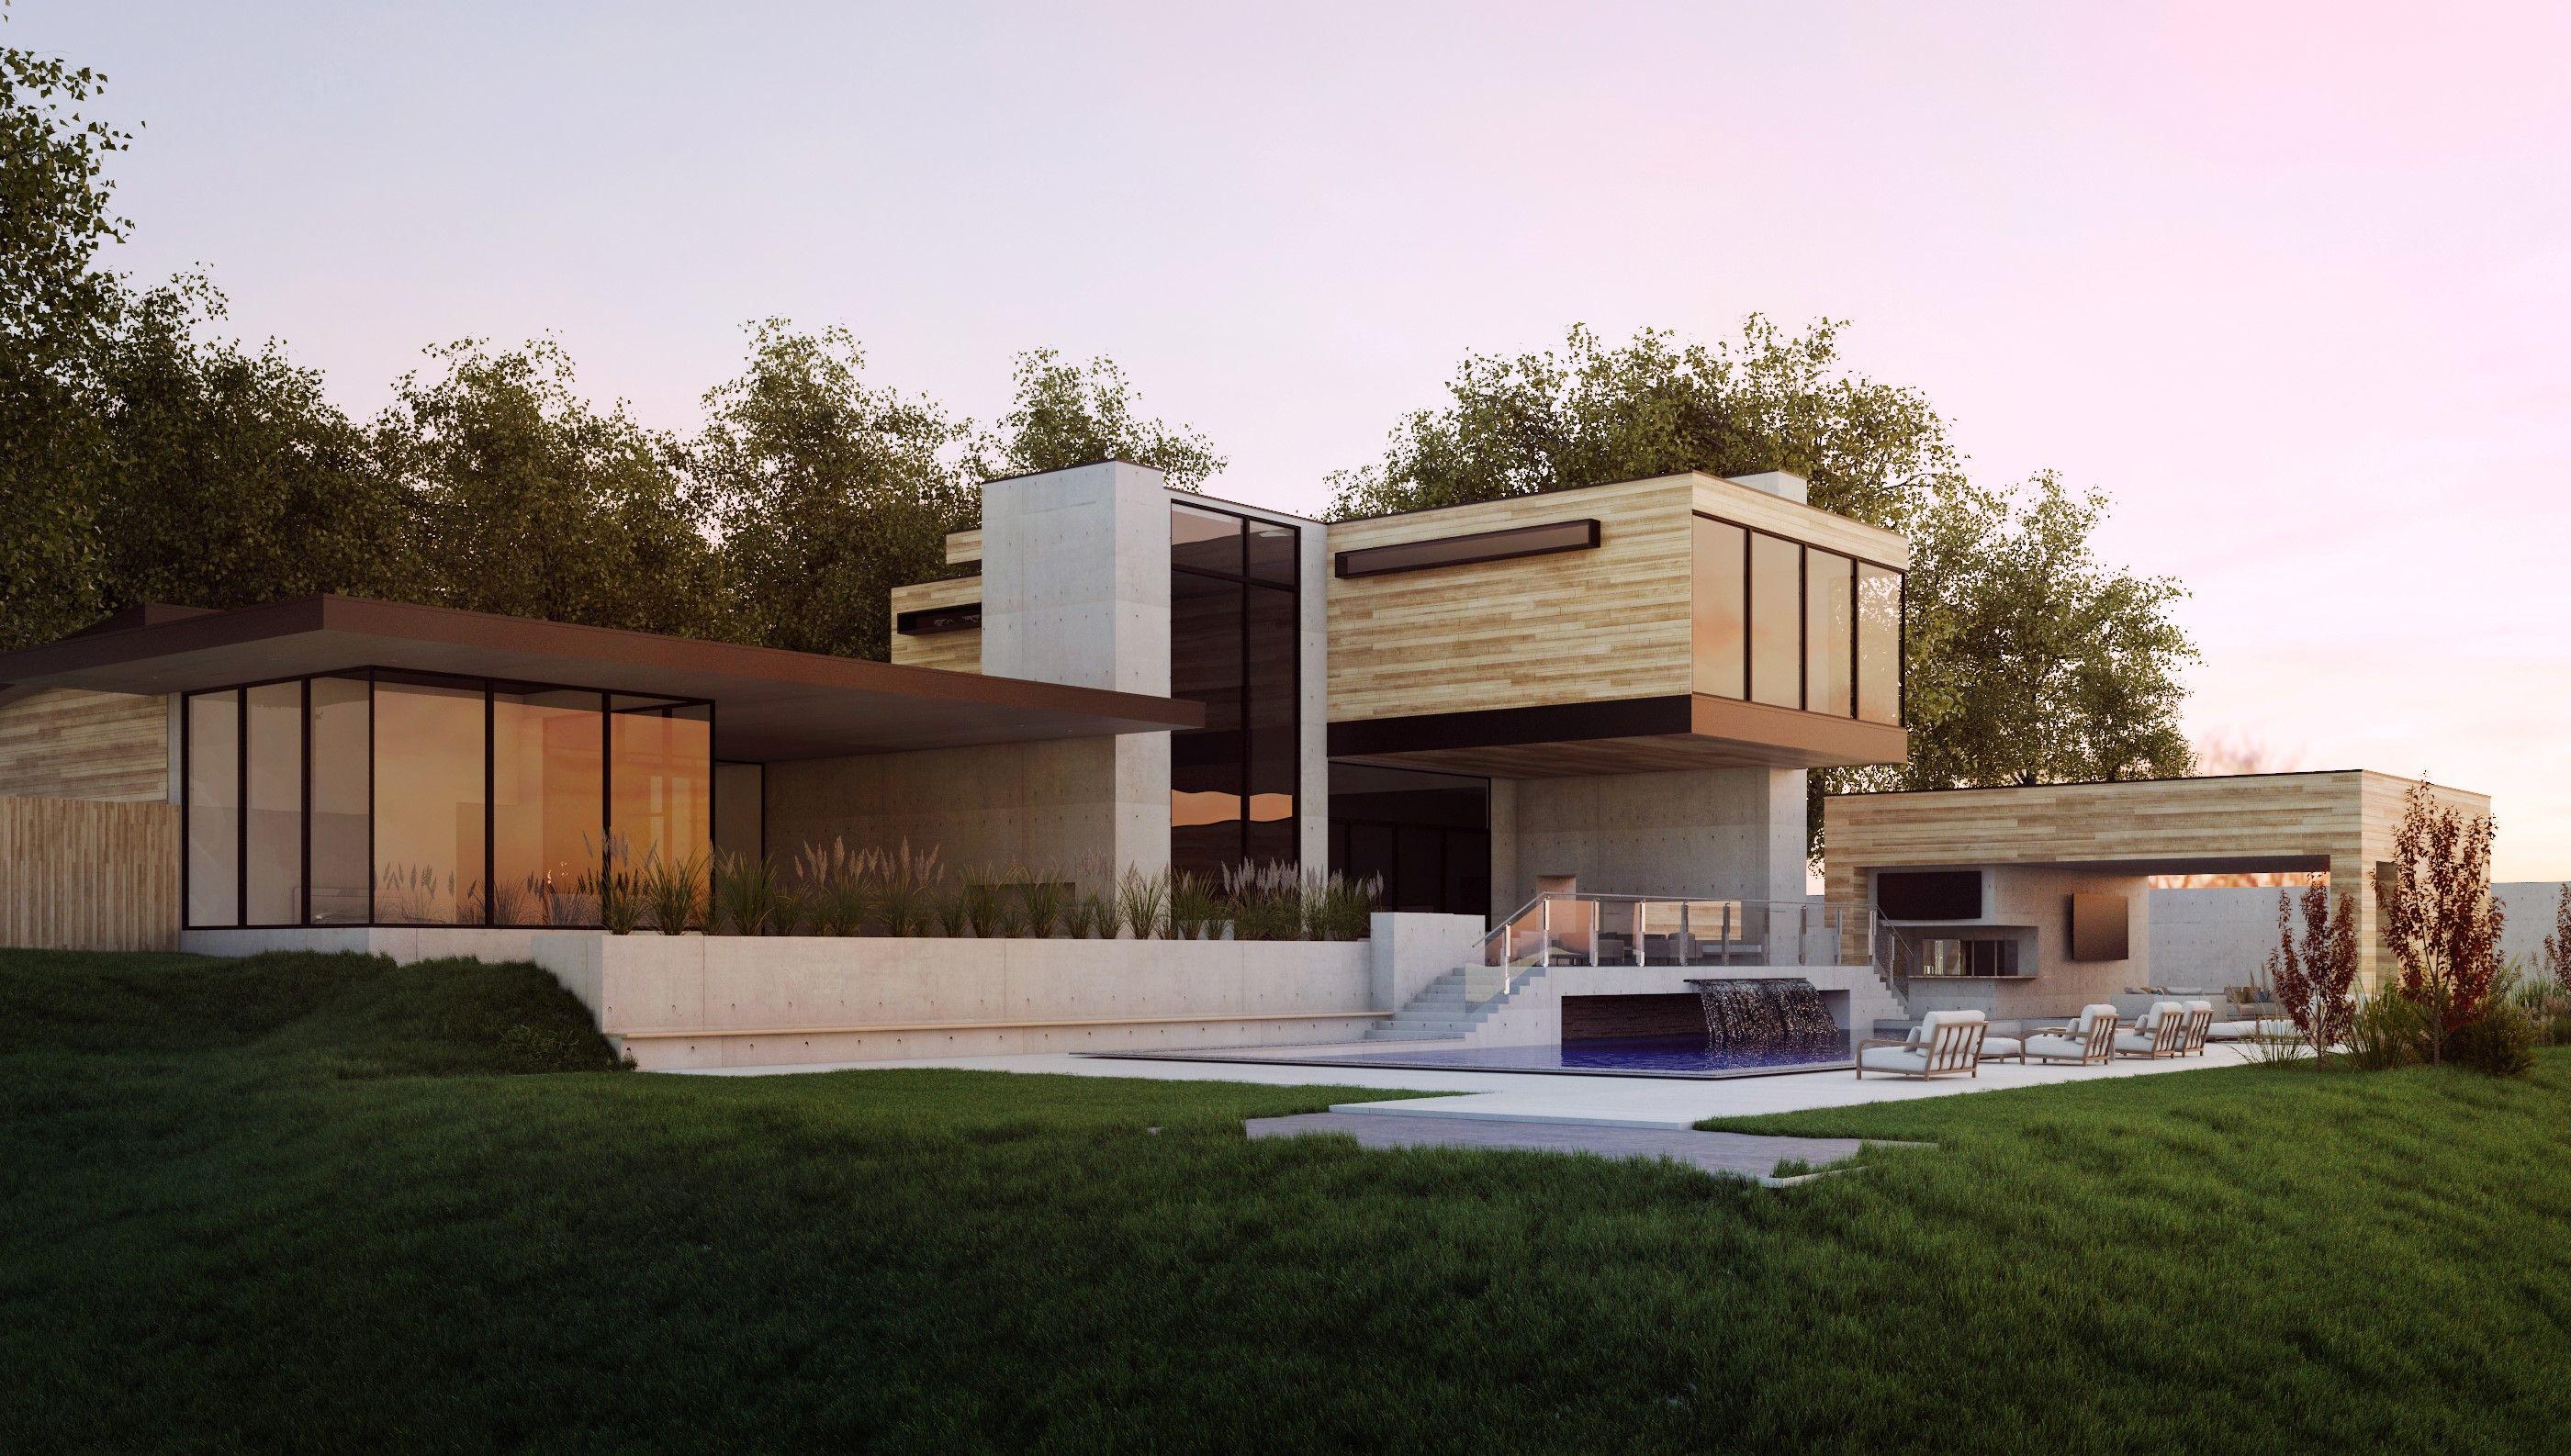 Clayton vance architecture modern architecture